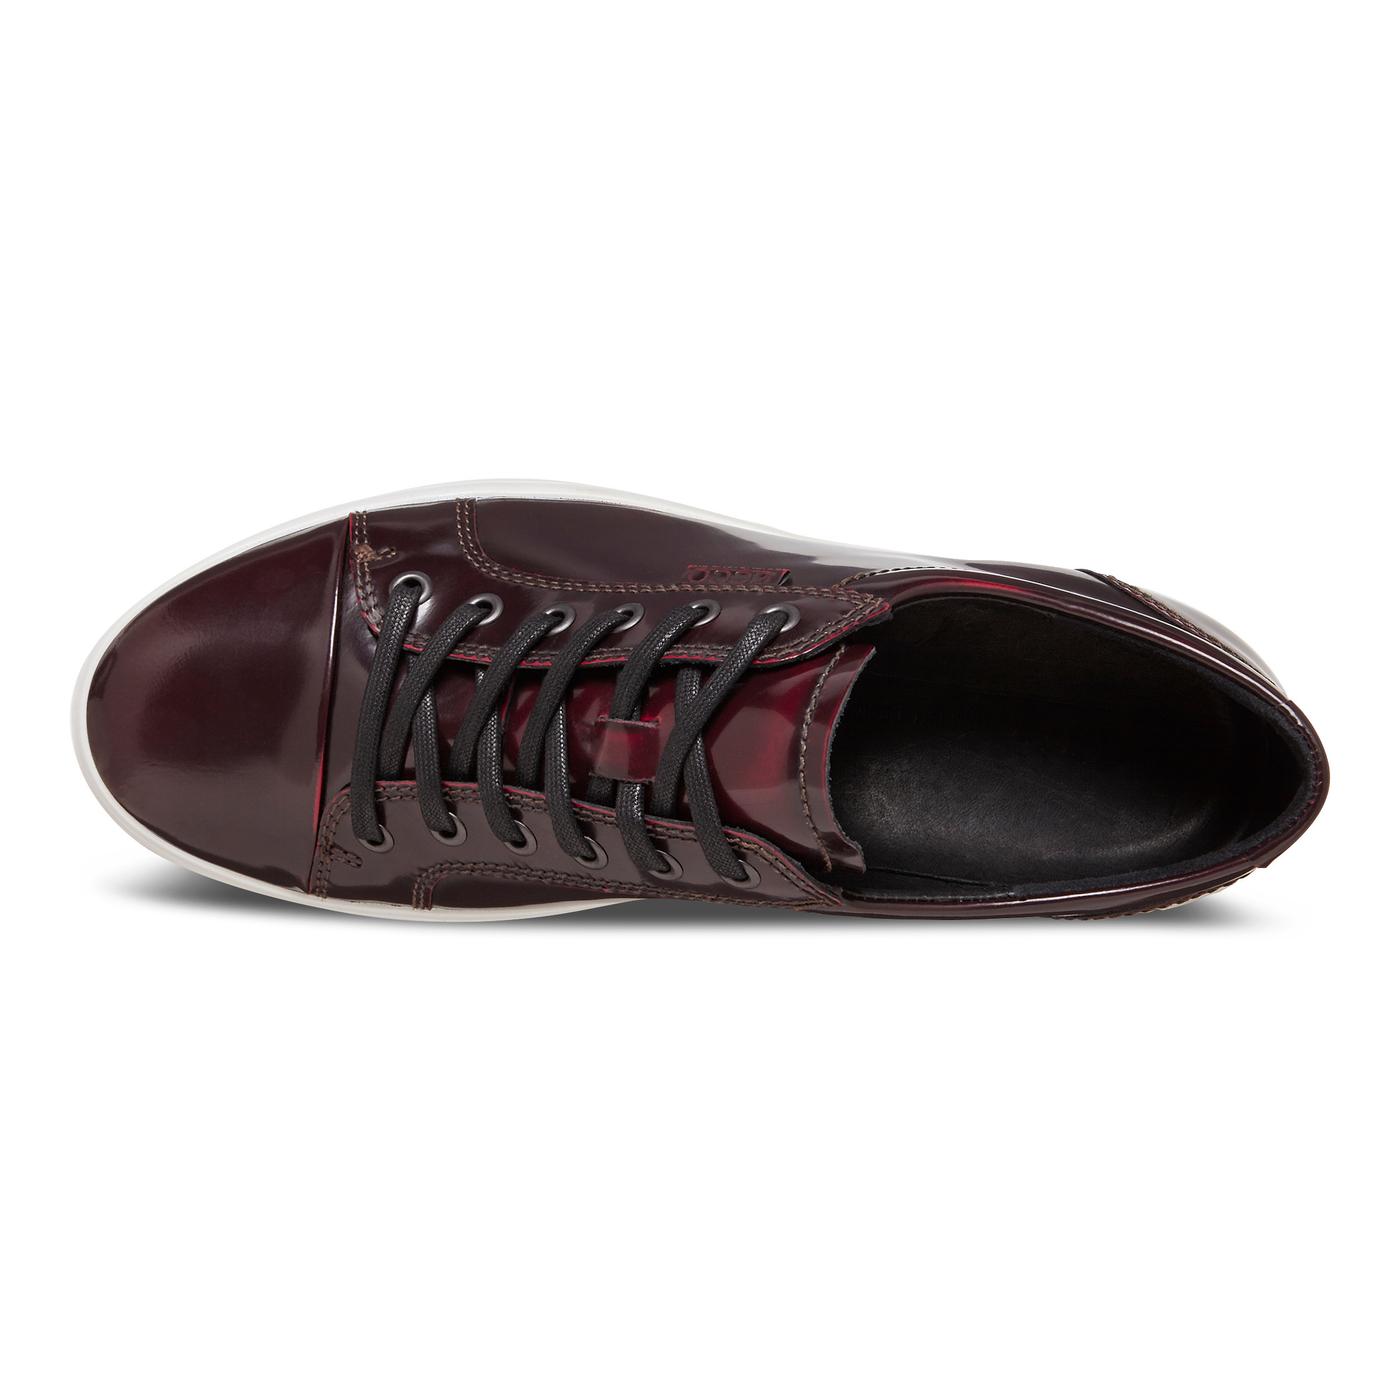 ECCO SOFT7 Mens Luxe Tie Sneaker